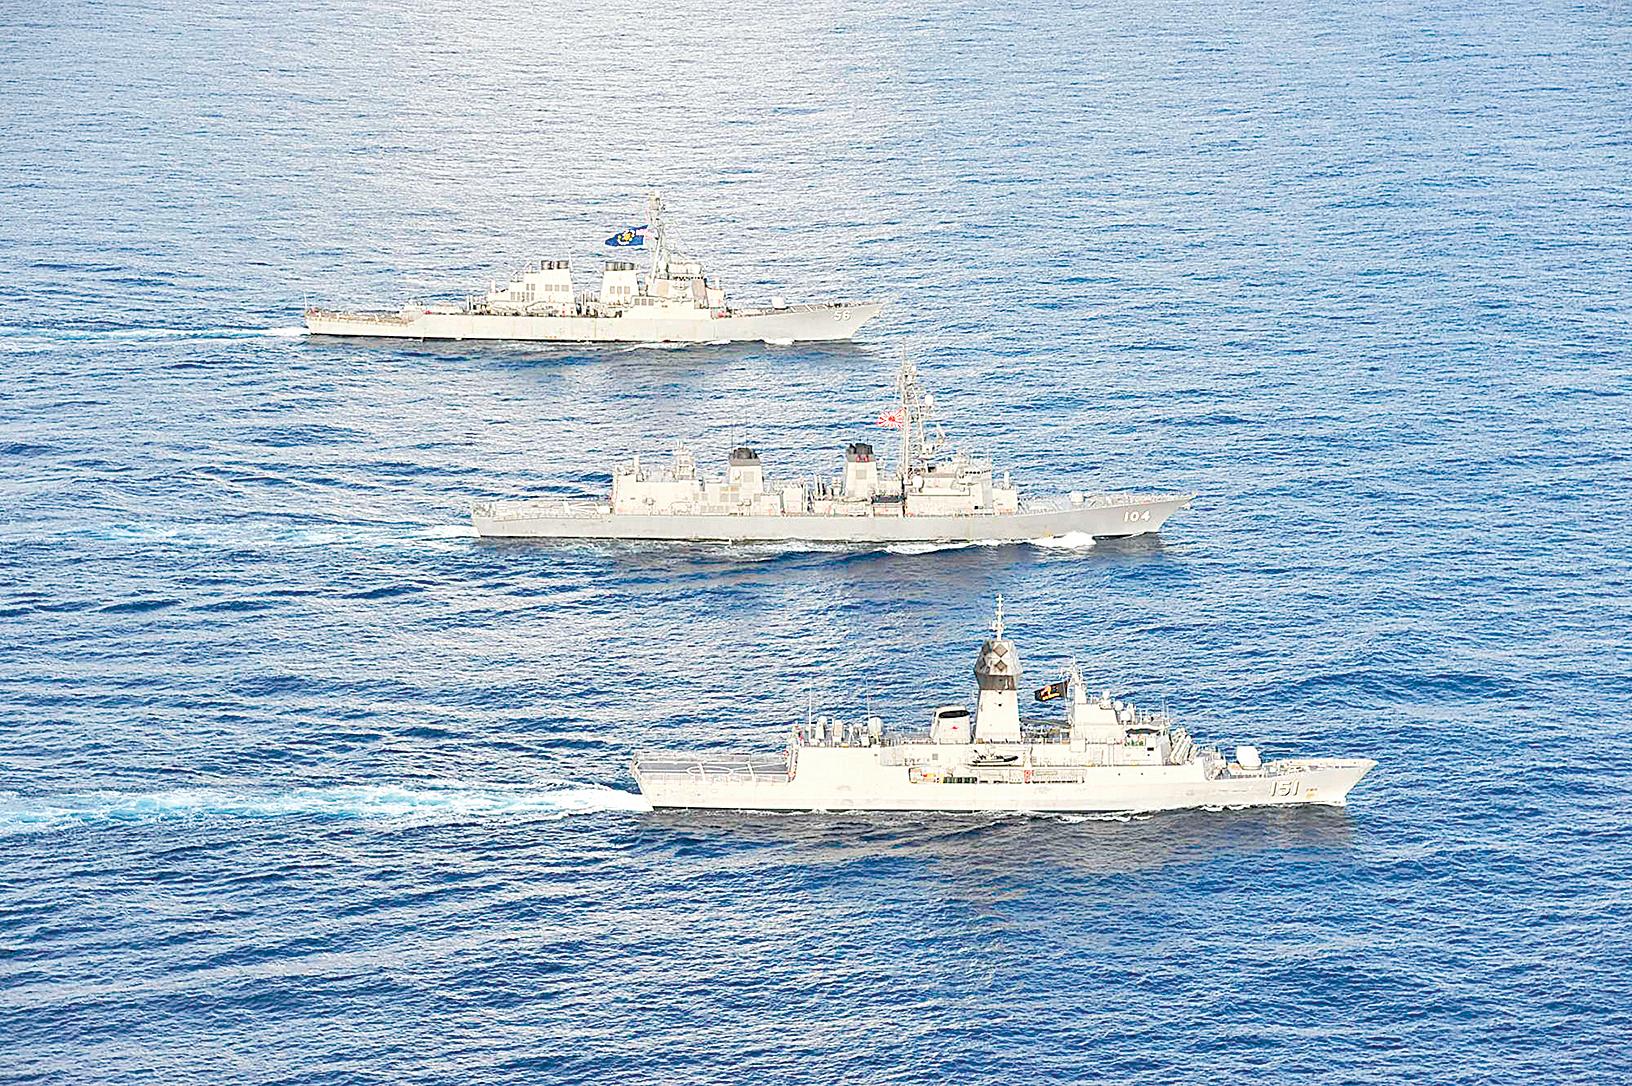 2020年10月20日,美軍伯克級驅逐艦麥凱恩號(DDG 56,後),日本海上自衛隊驅逐艦霧雨號(DD 104,中),澳洲皇家海軍阿倫塔號(FFH 151,前)在多國演習中一起在南中國海航行。(美國海軍)